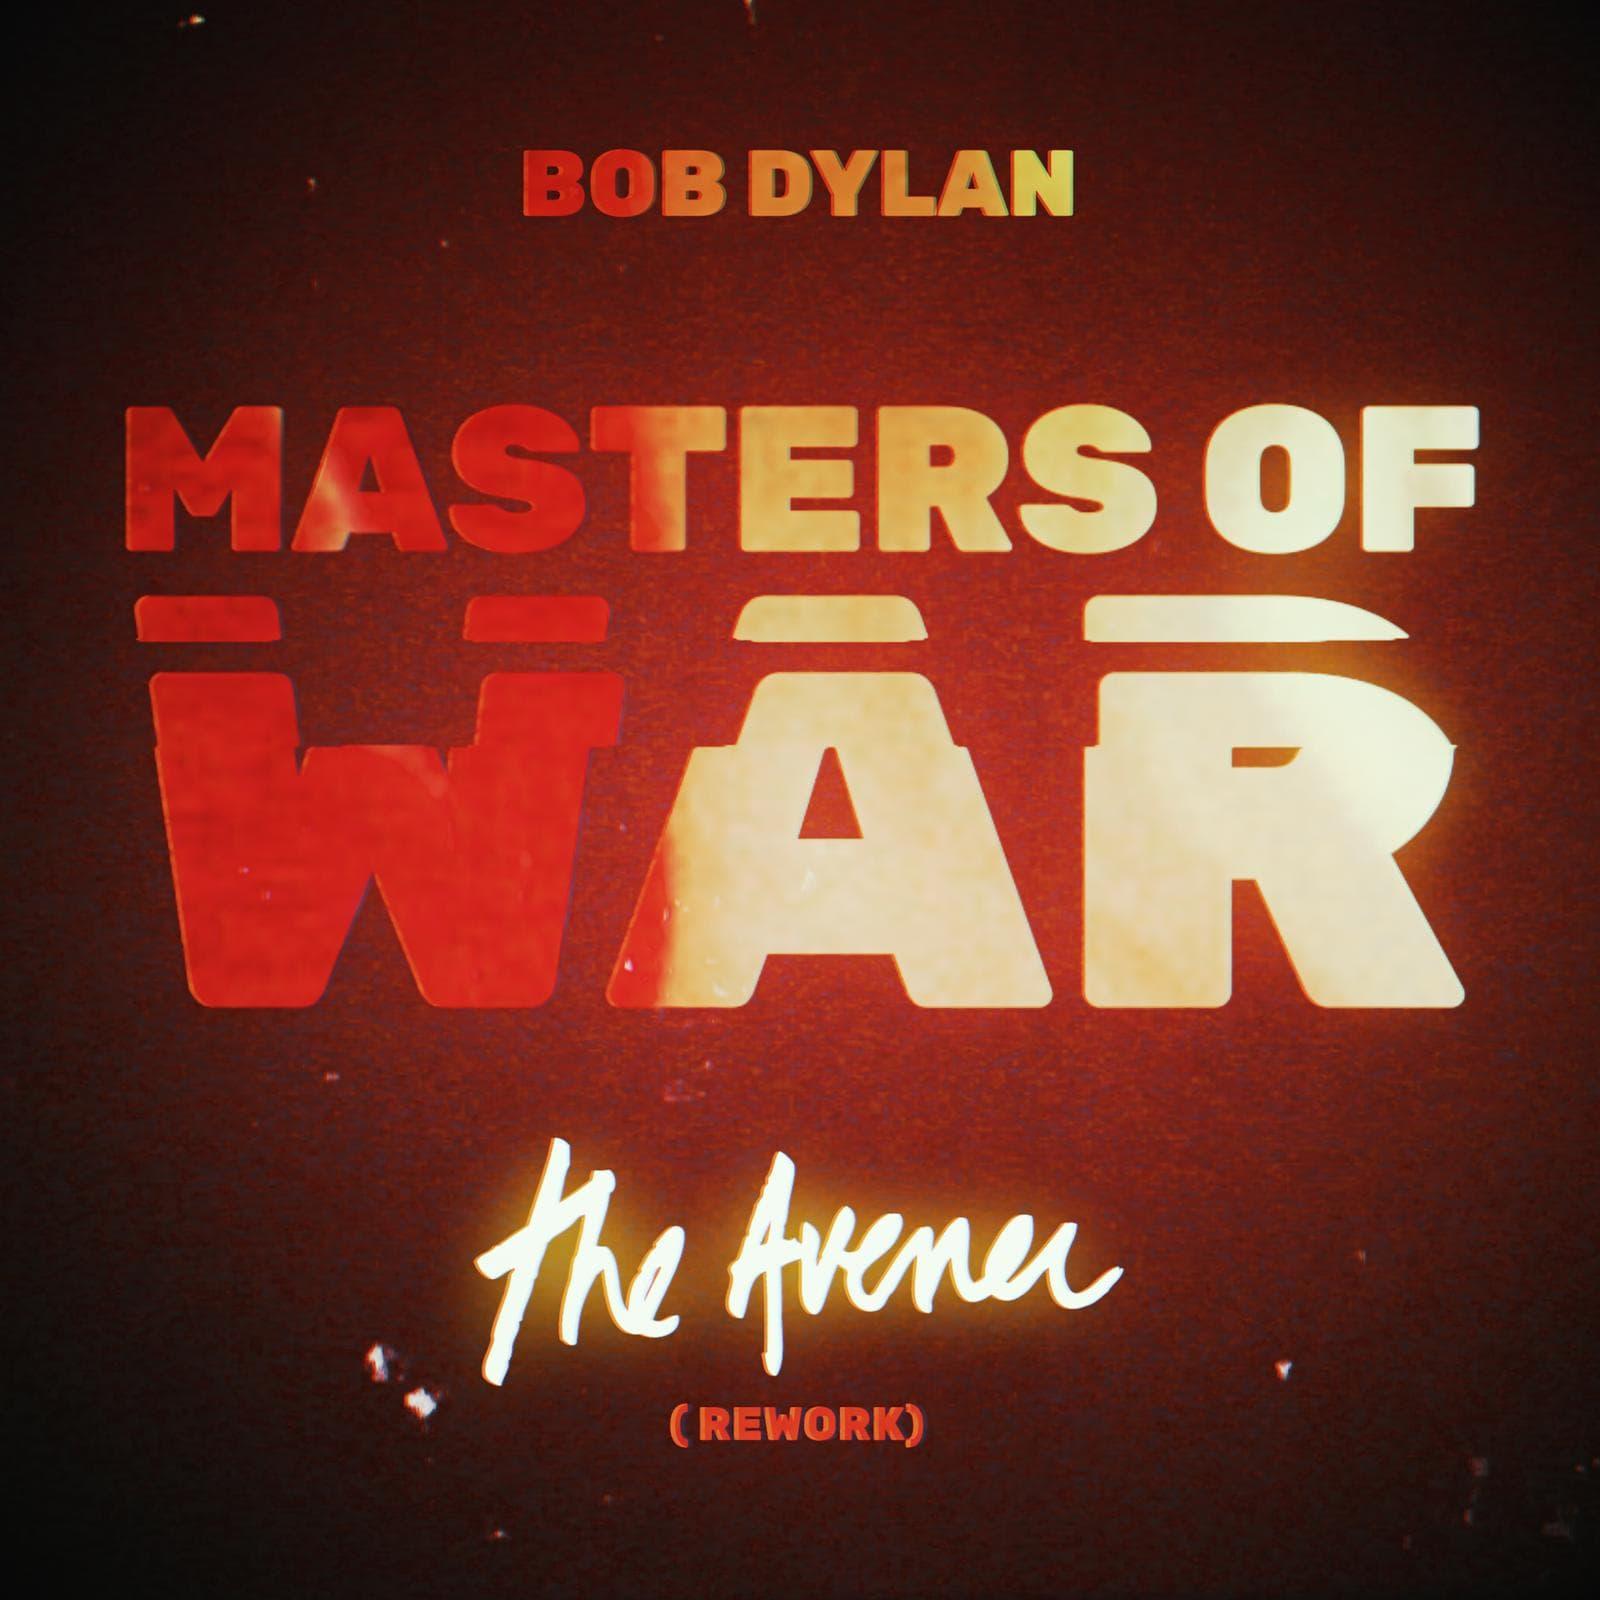 Masters of War (The Avener Rework) - Bob Dylan & The Avener